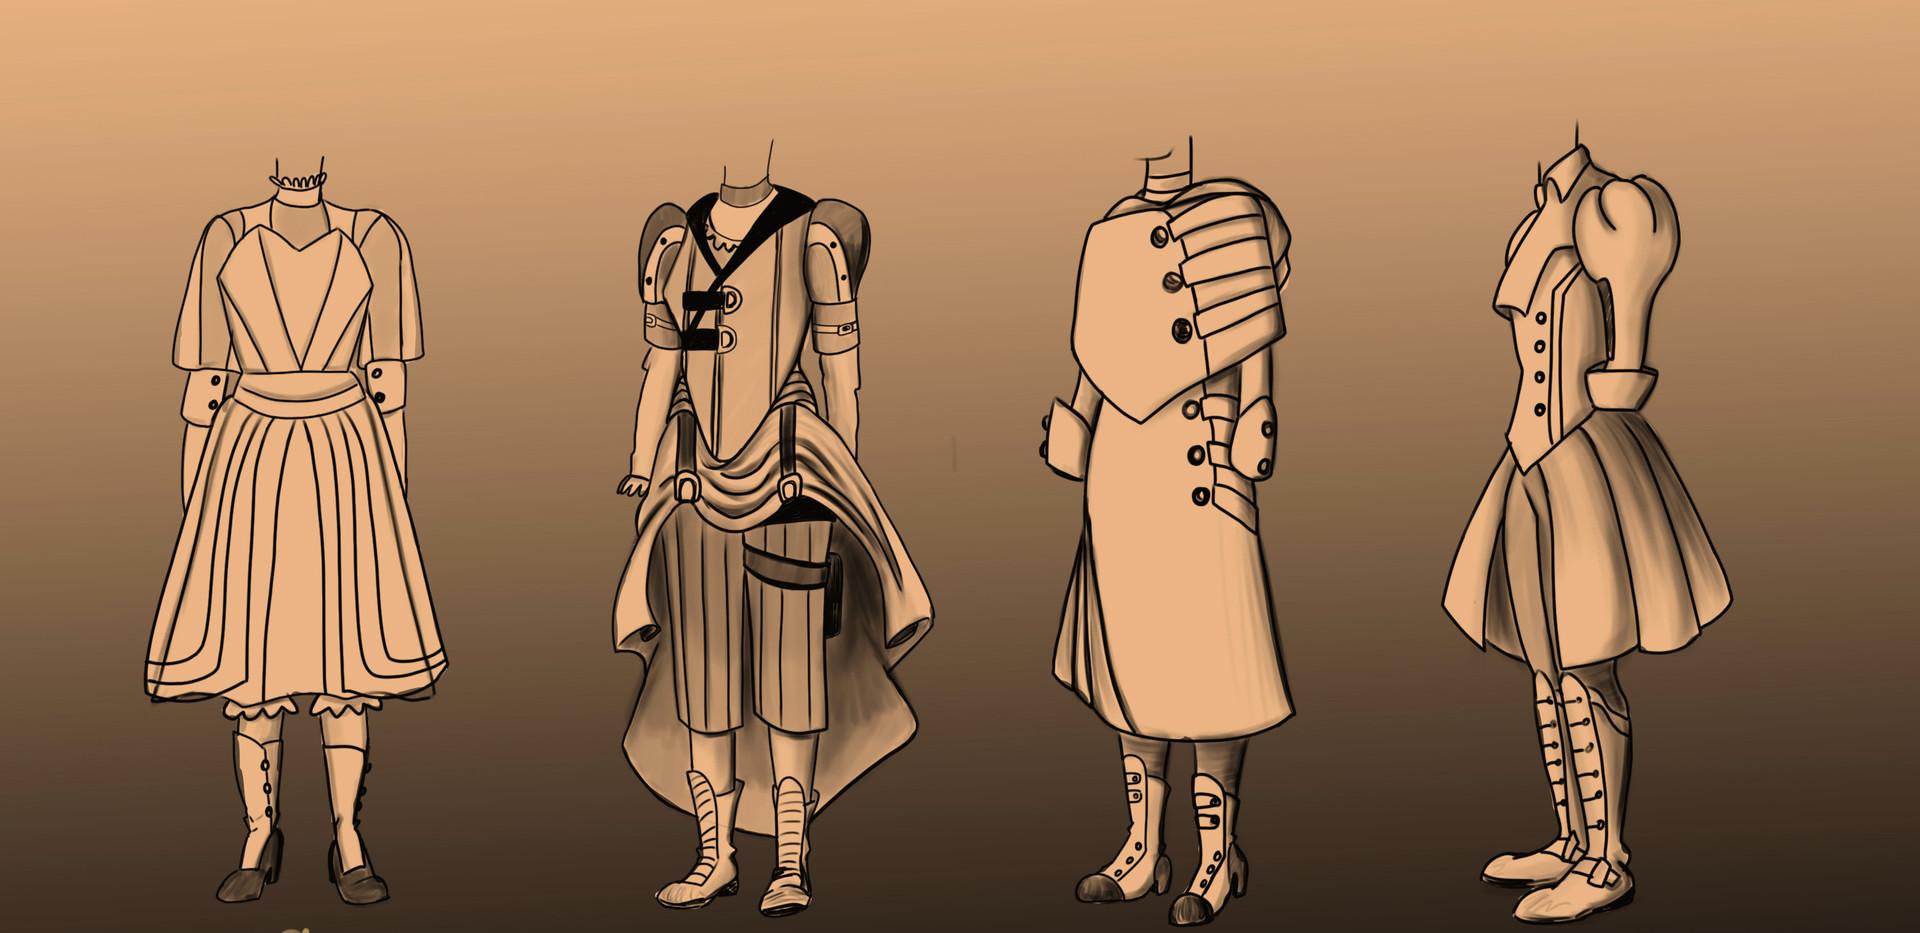 dynamo roughs-female costu,e4.jpg